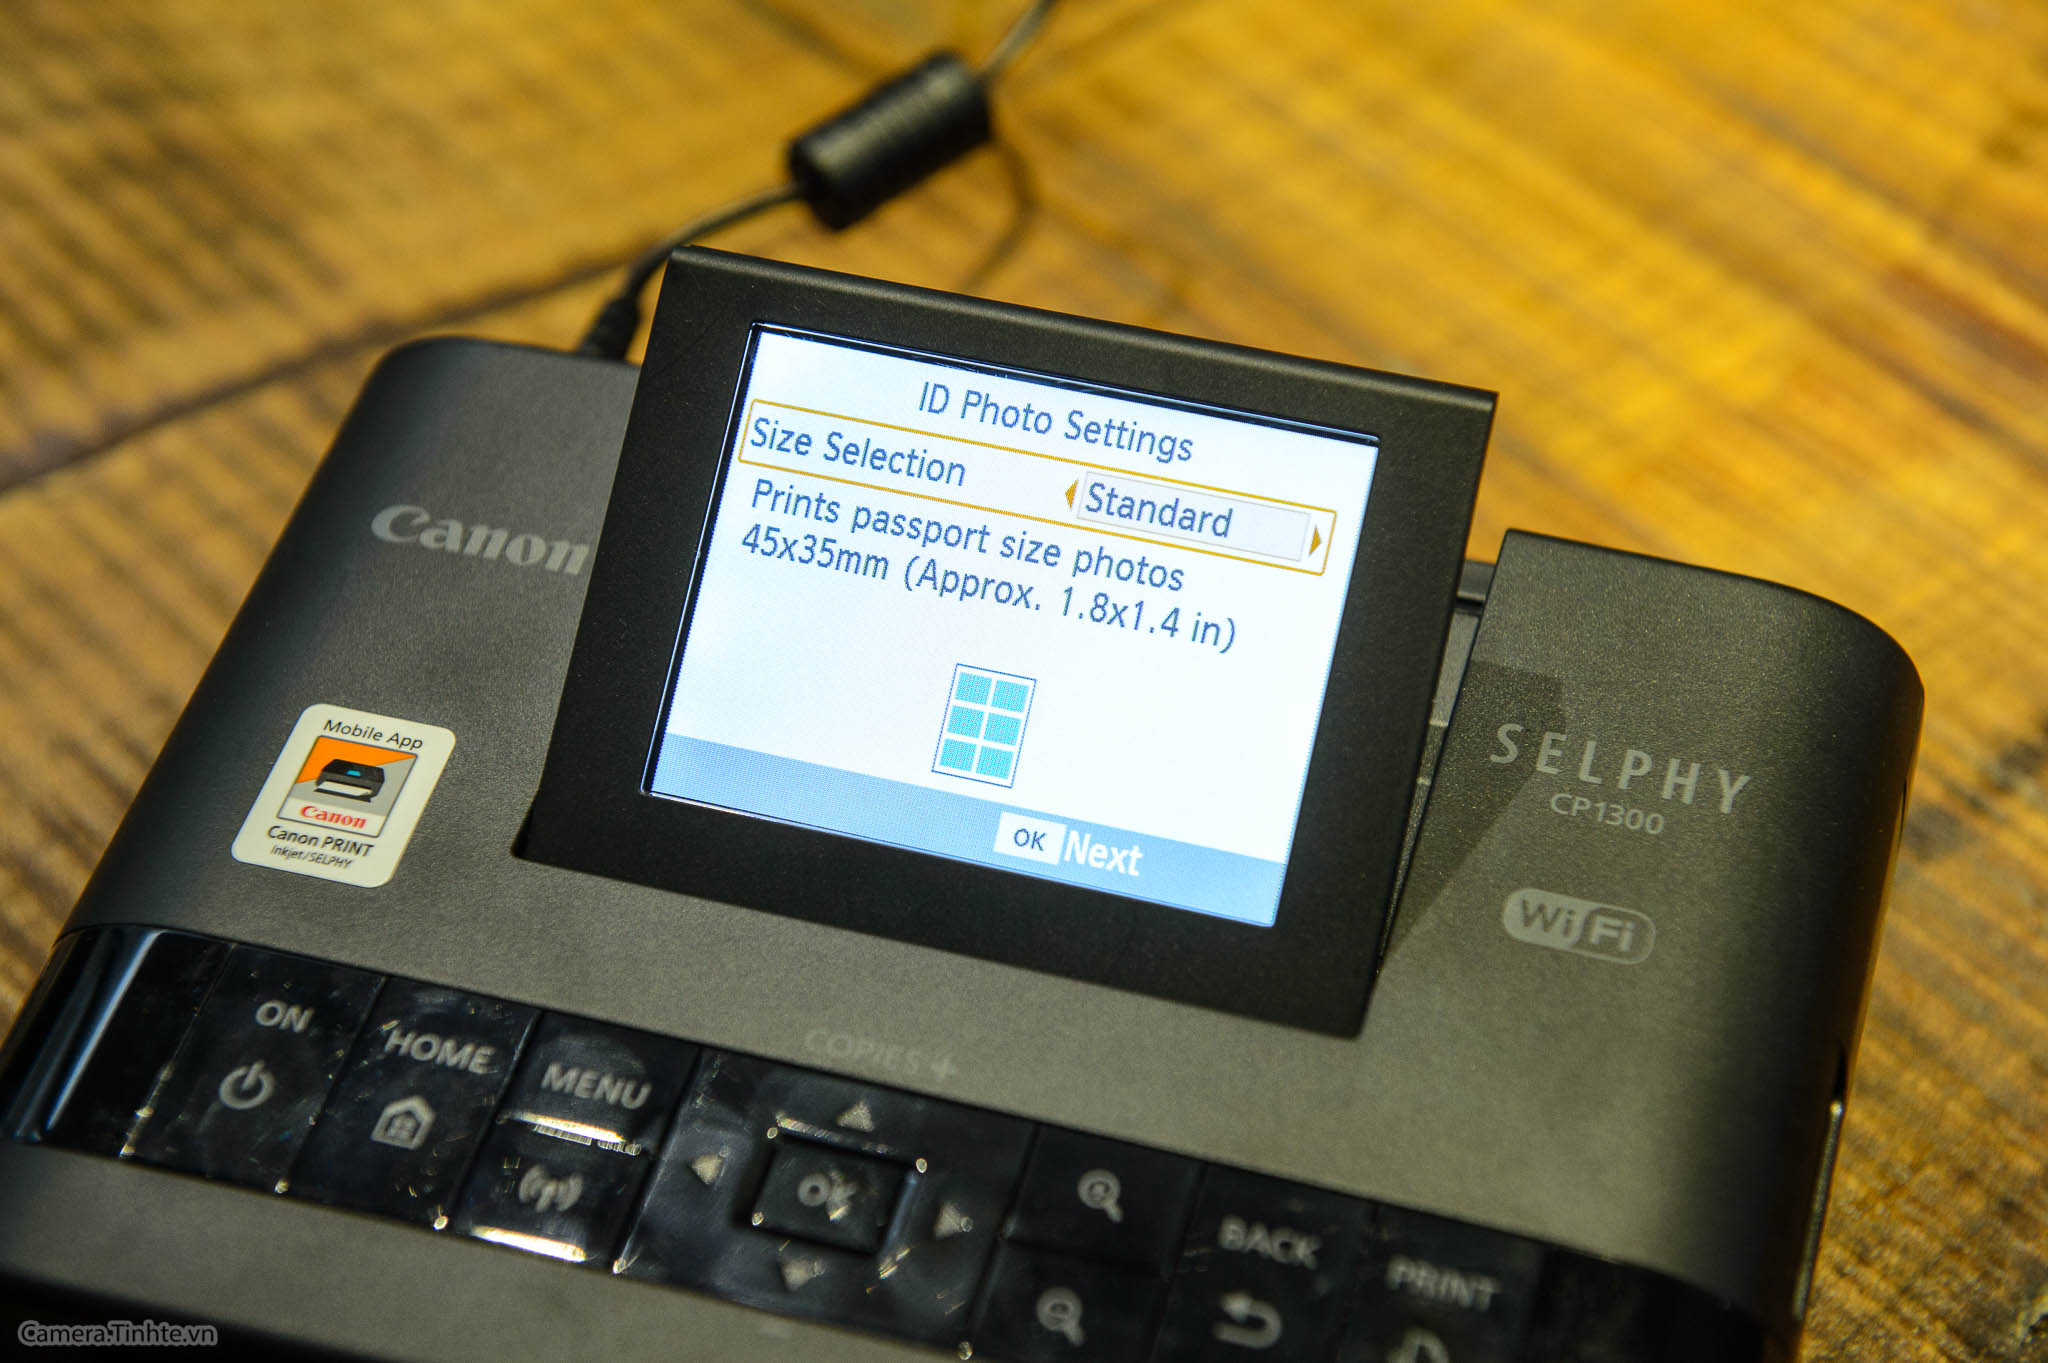 Đánh giá máy in mini Canon Selphy CP1300 - Kết nối Wifi dễ, xử lý nhanh